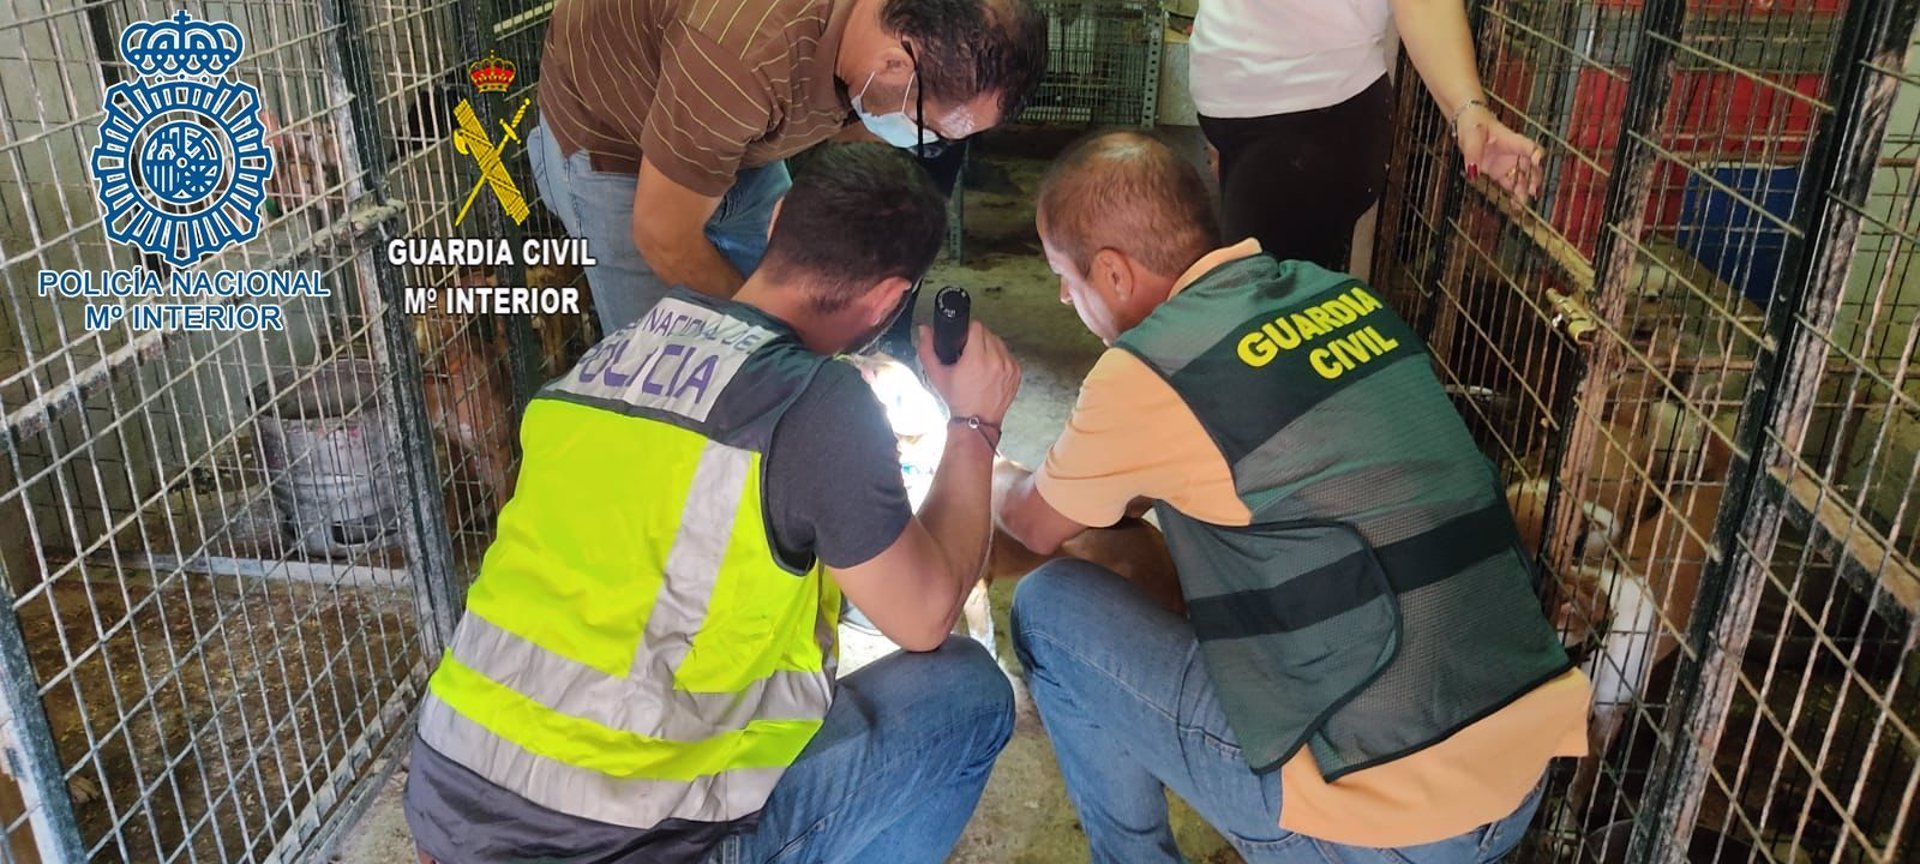 Sevilla.-Sucesos.-Localizan 37 perros enjaulados y en condiciones de abandono tras ser robados en el Aljarafe